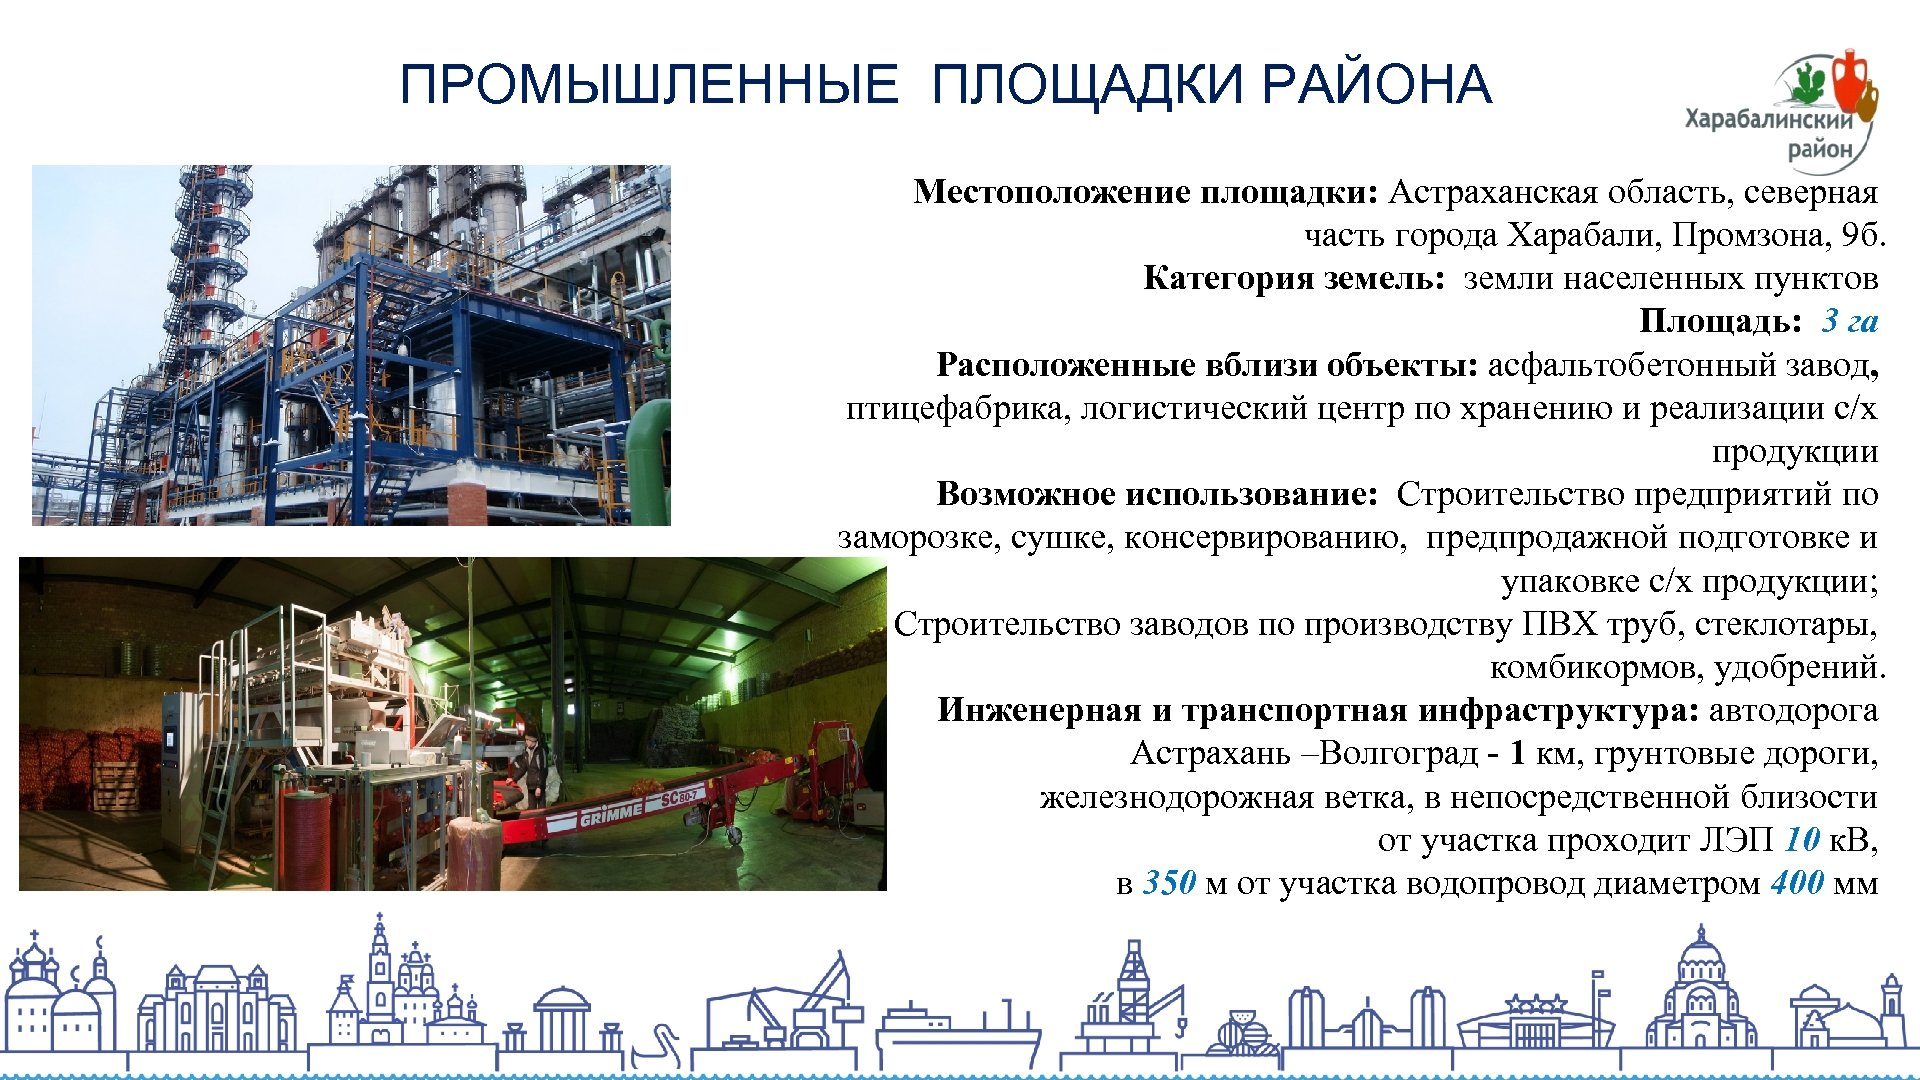 ПРОМЫШЛЕННЫЕ ПЛОЩАДКИ РАЙОНА Местоположение площадки: Астраханская область, северная часть города Харабали, Промзона, 9 б.